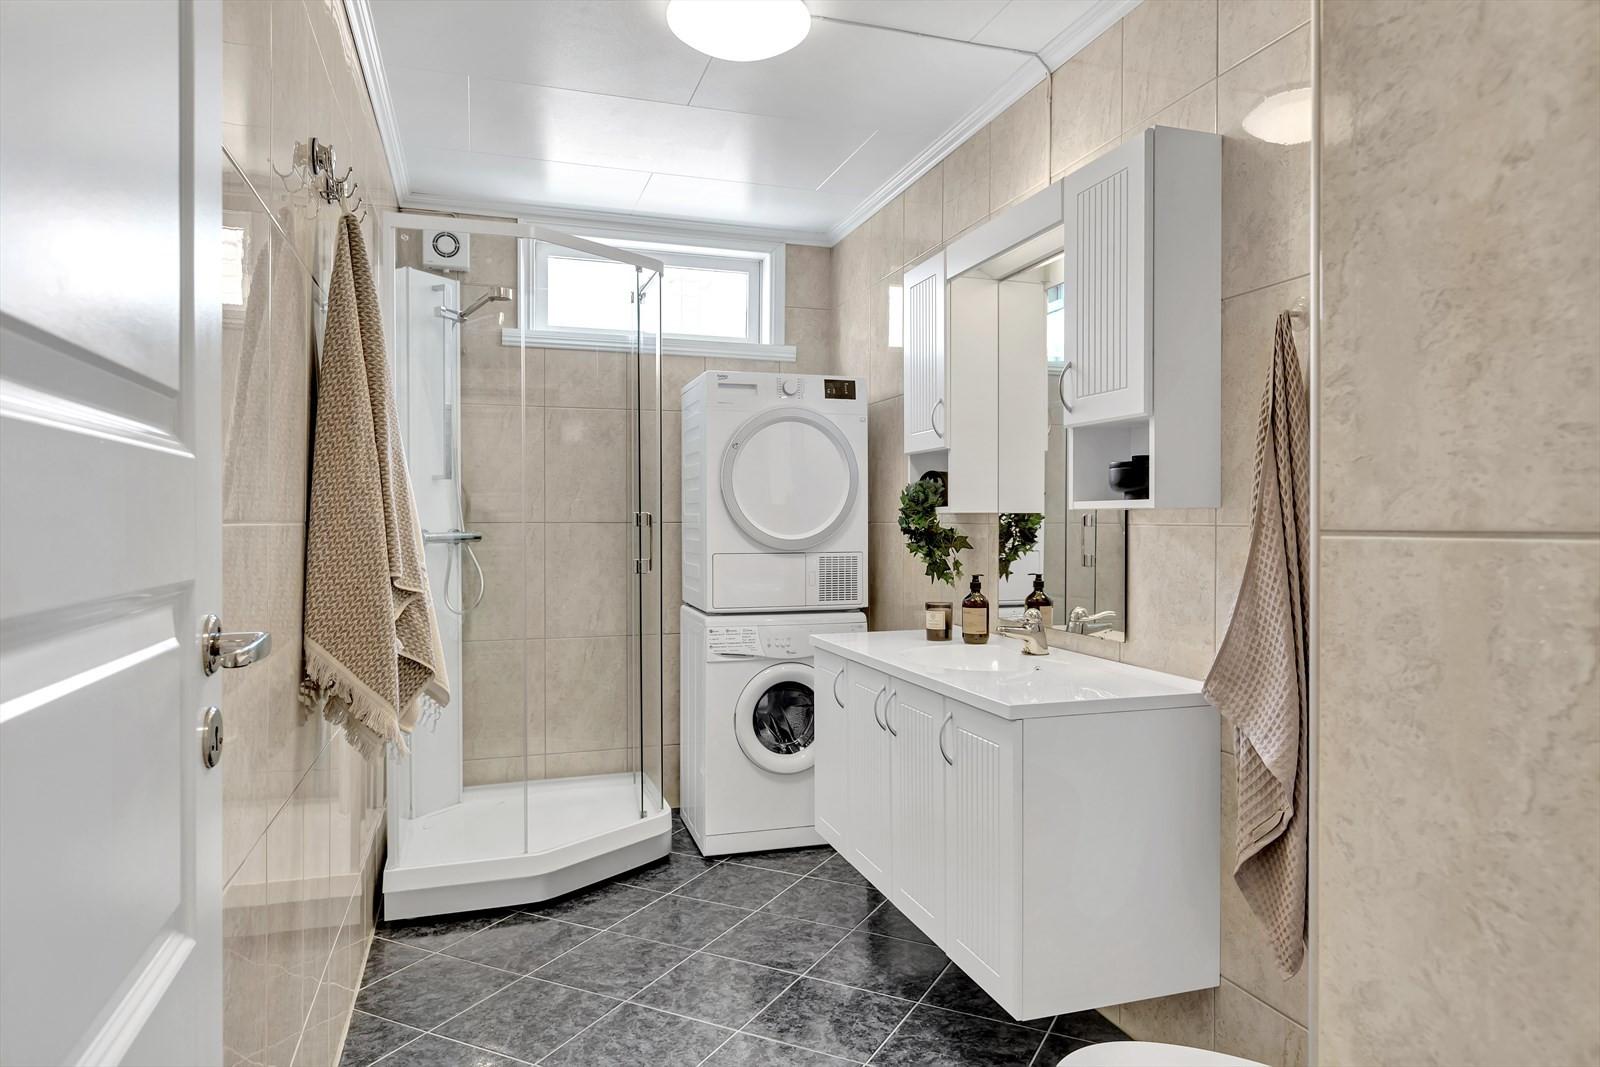 Komplett flislagt badrom med dusjkabinett, romslige innredninger, opplegg vaskesøyle og toalett.